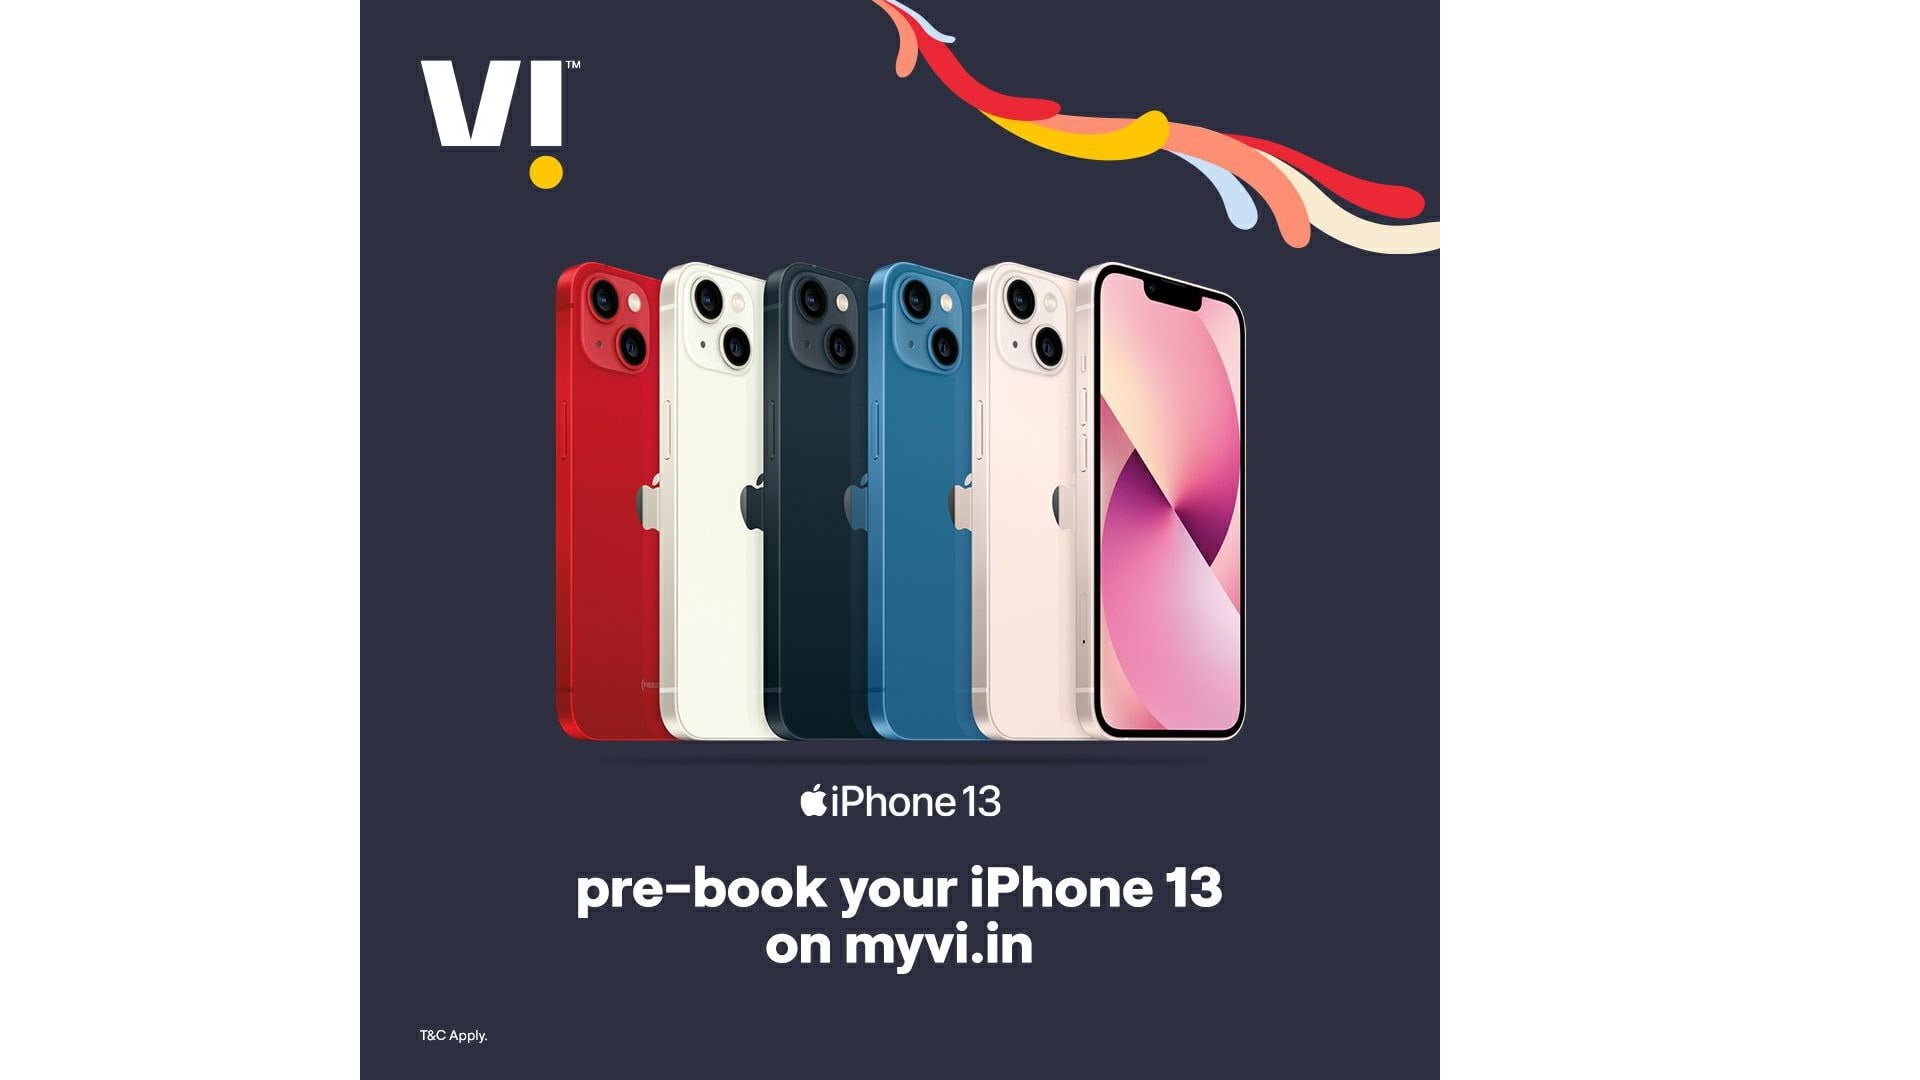 Vi iPhone 13 Pre Order